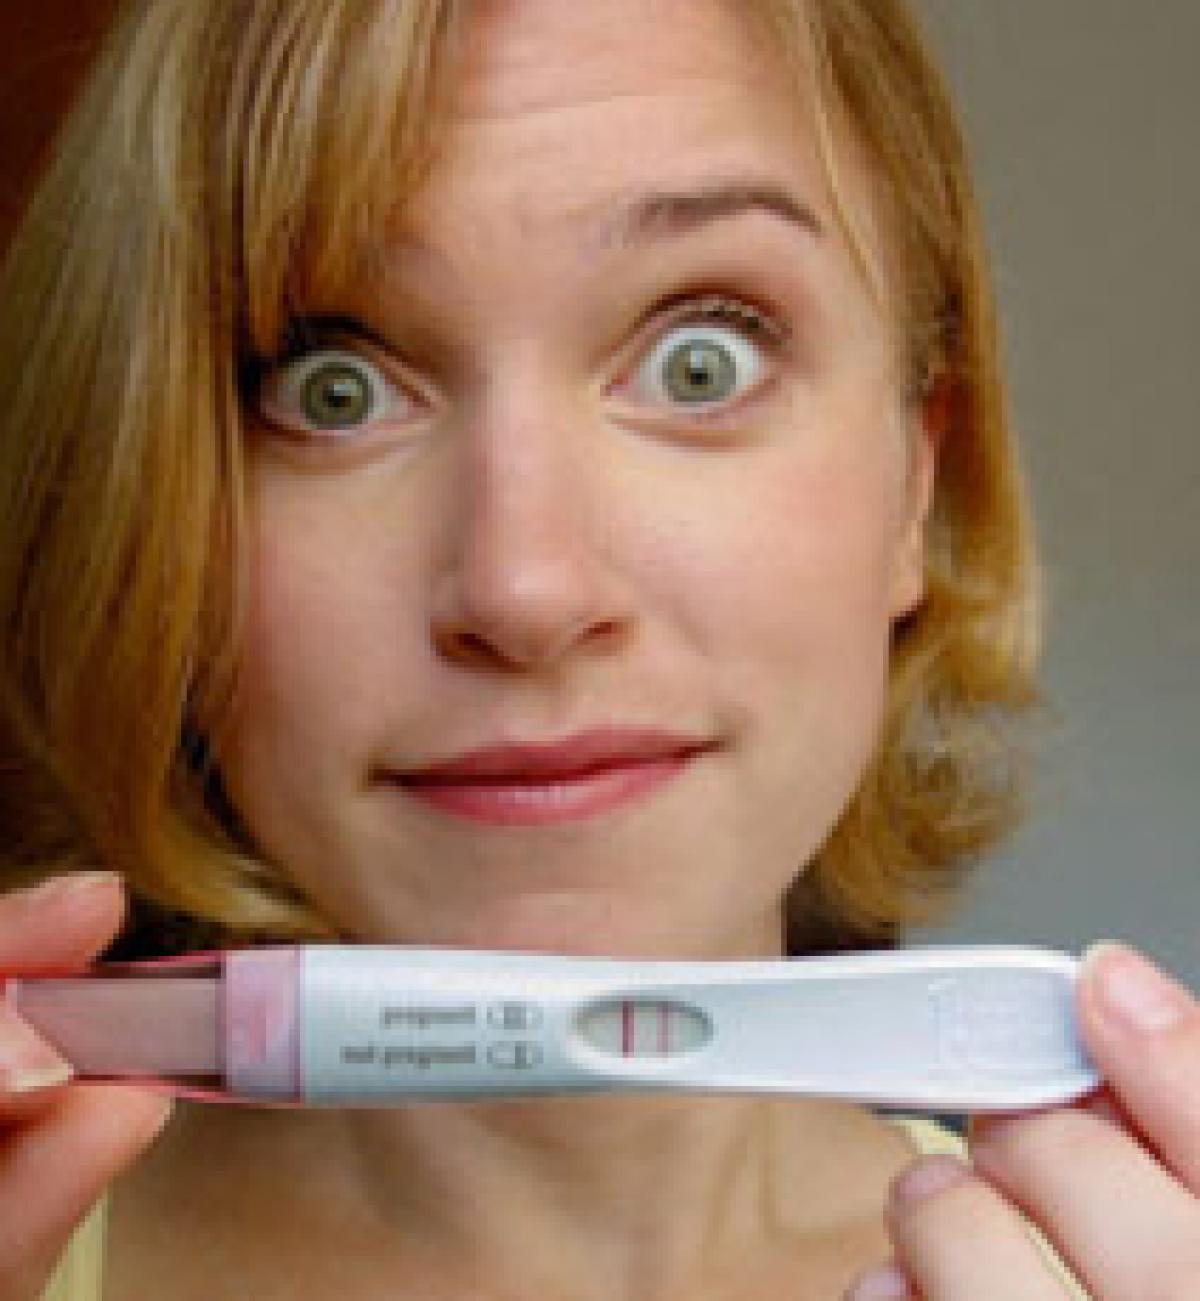 Κράτησα 10 μέρες την εγκυμοσύνη μου κρυφή και ετοίμασα την ωραιότερη έκπληξη!